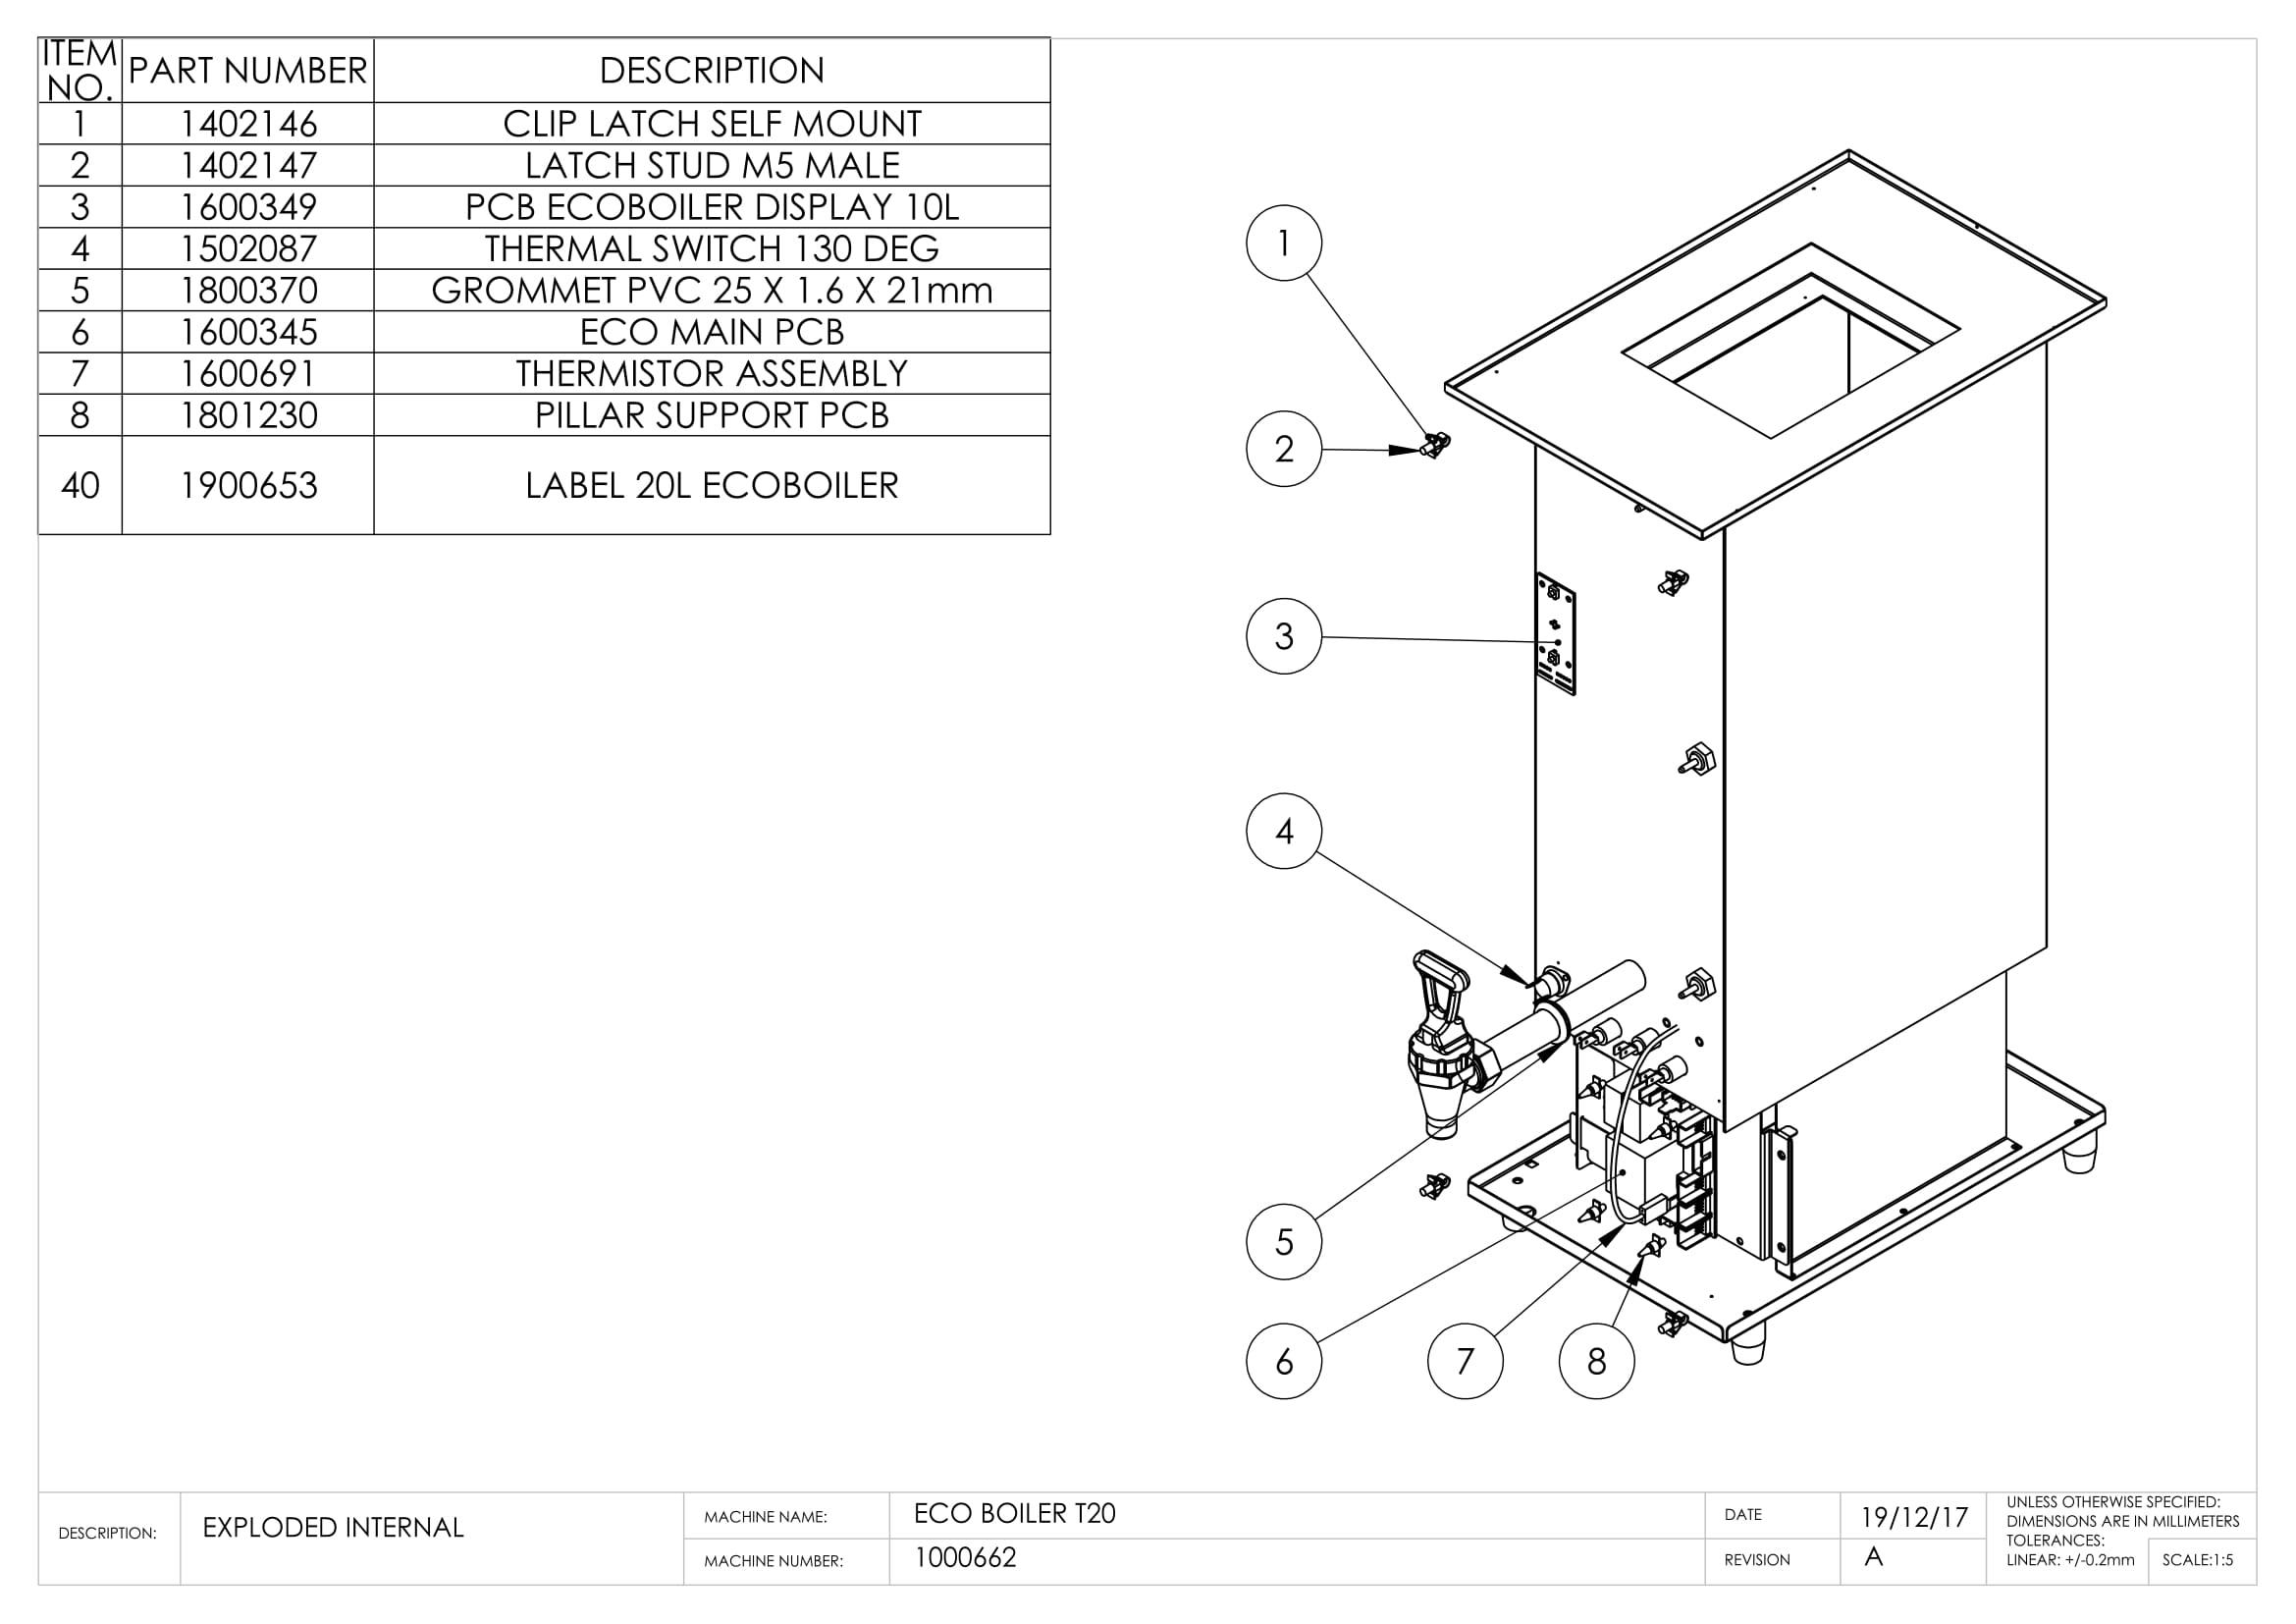 Ecoboiler T20 - Marco Beverage Systems Ltd.